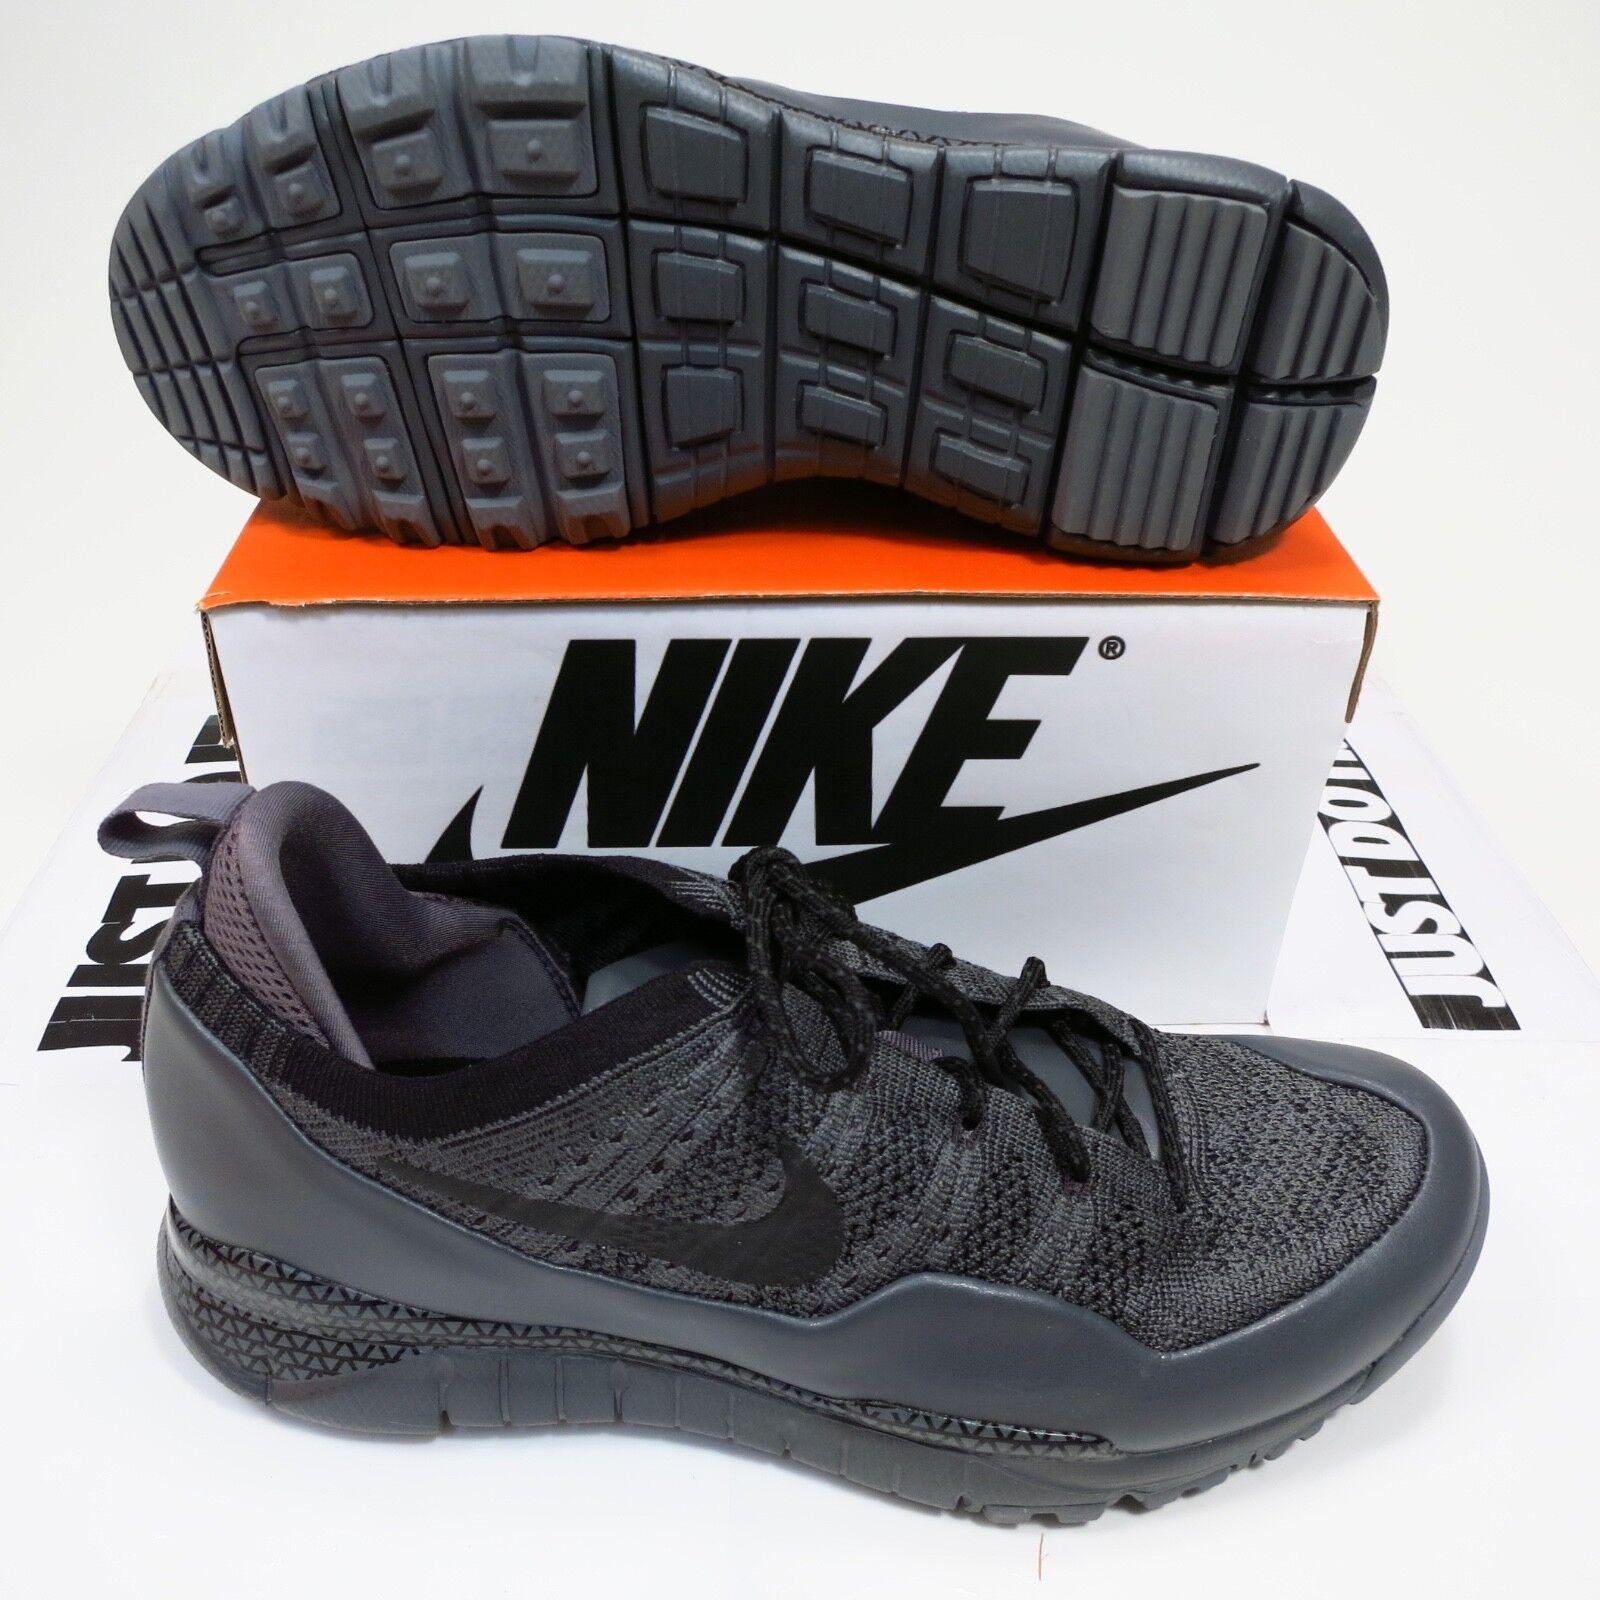 225 Men's Nike Lupinek Flyknit Low Size 10.5 Grey Style 882685 001 NEW